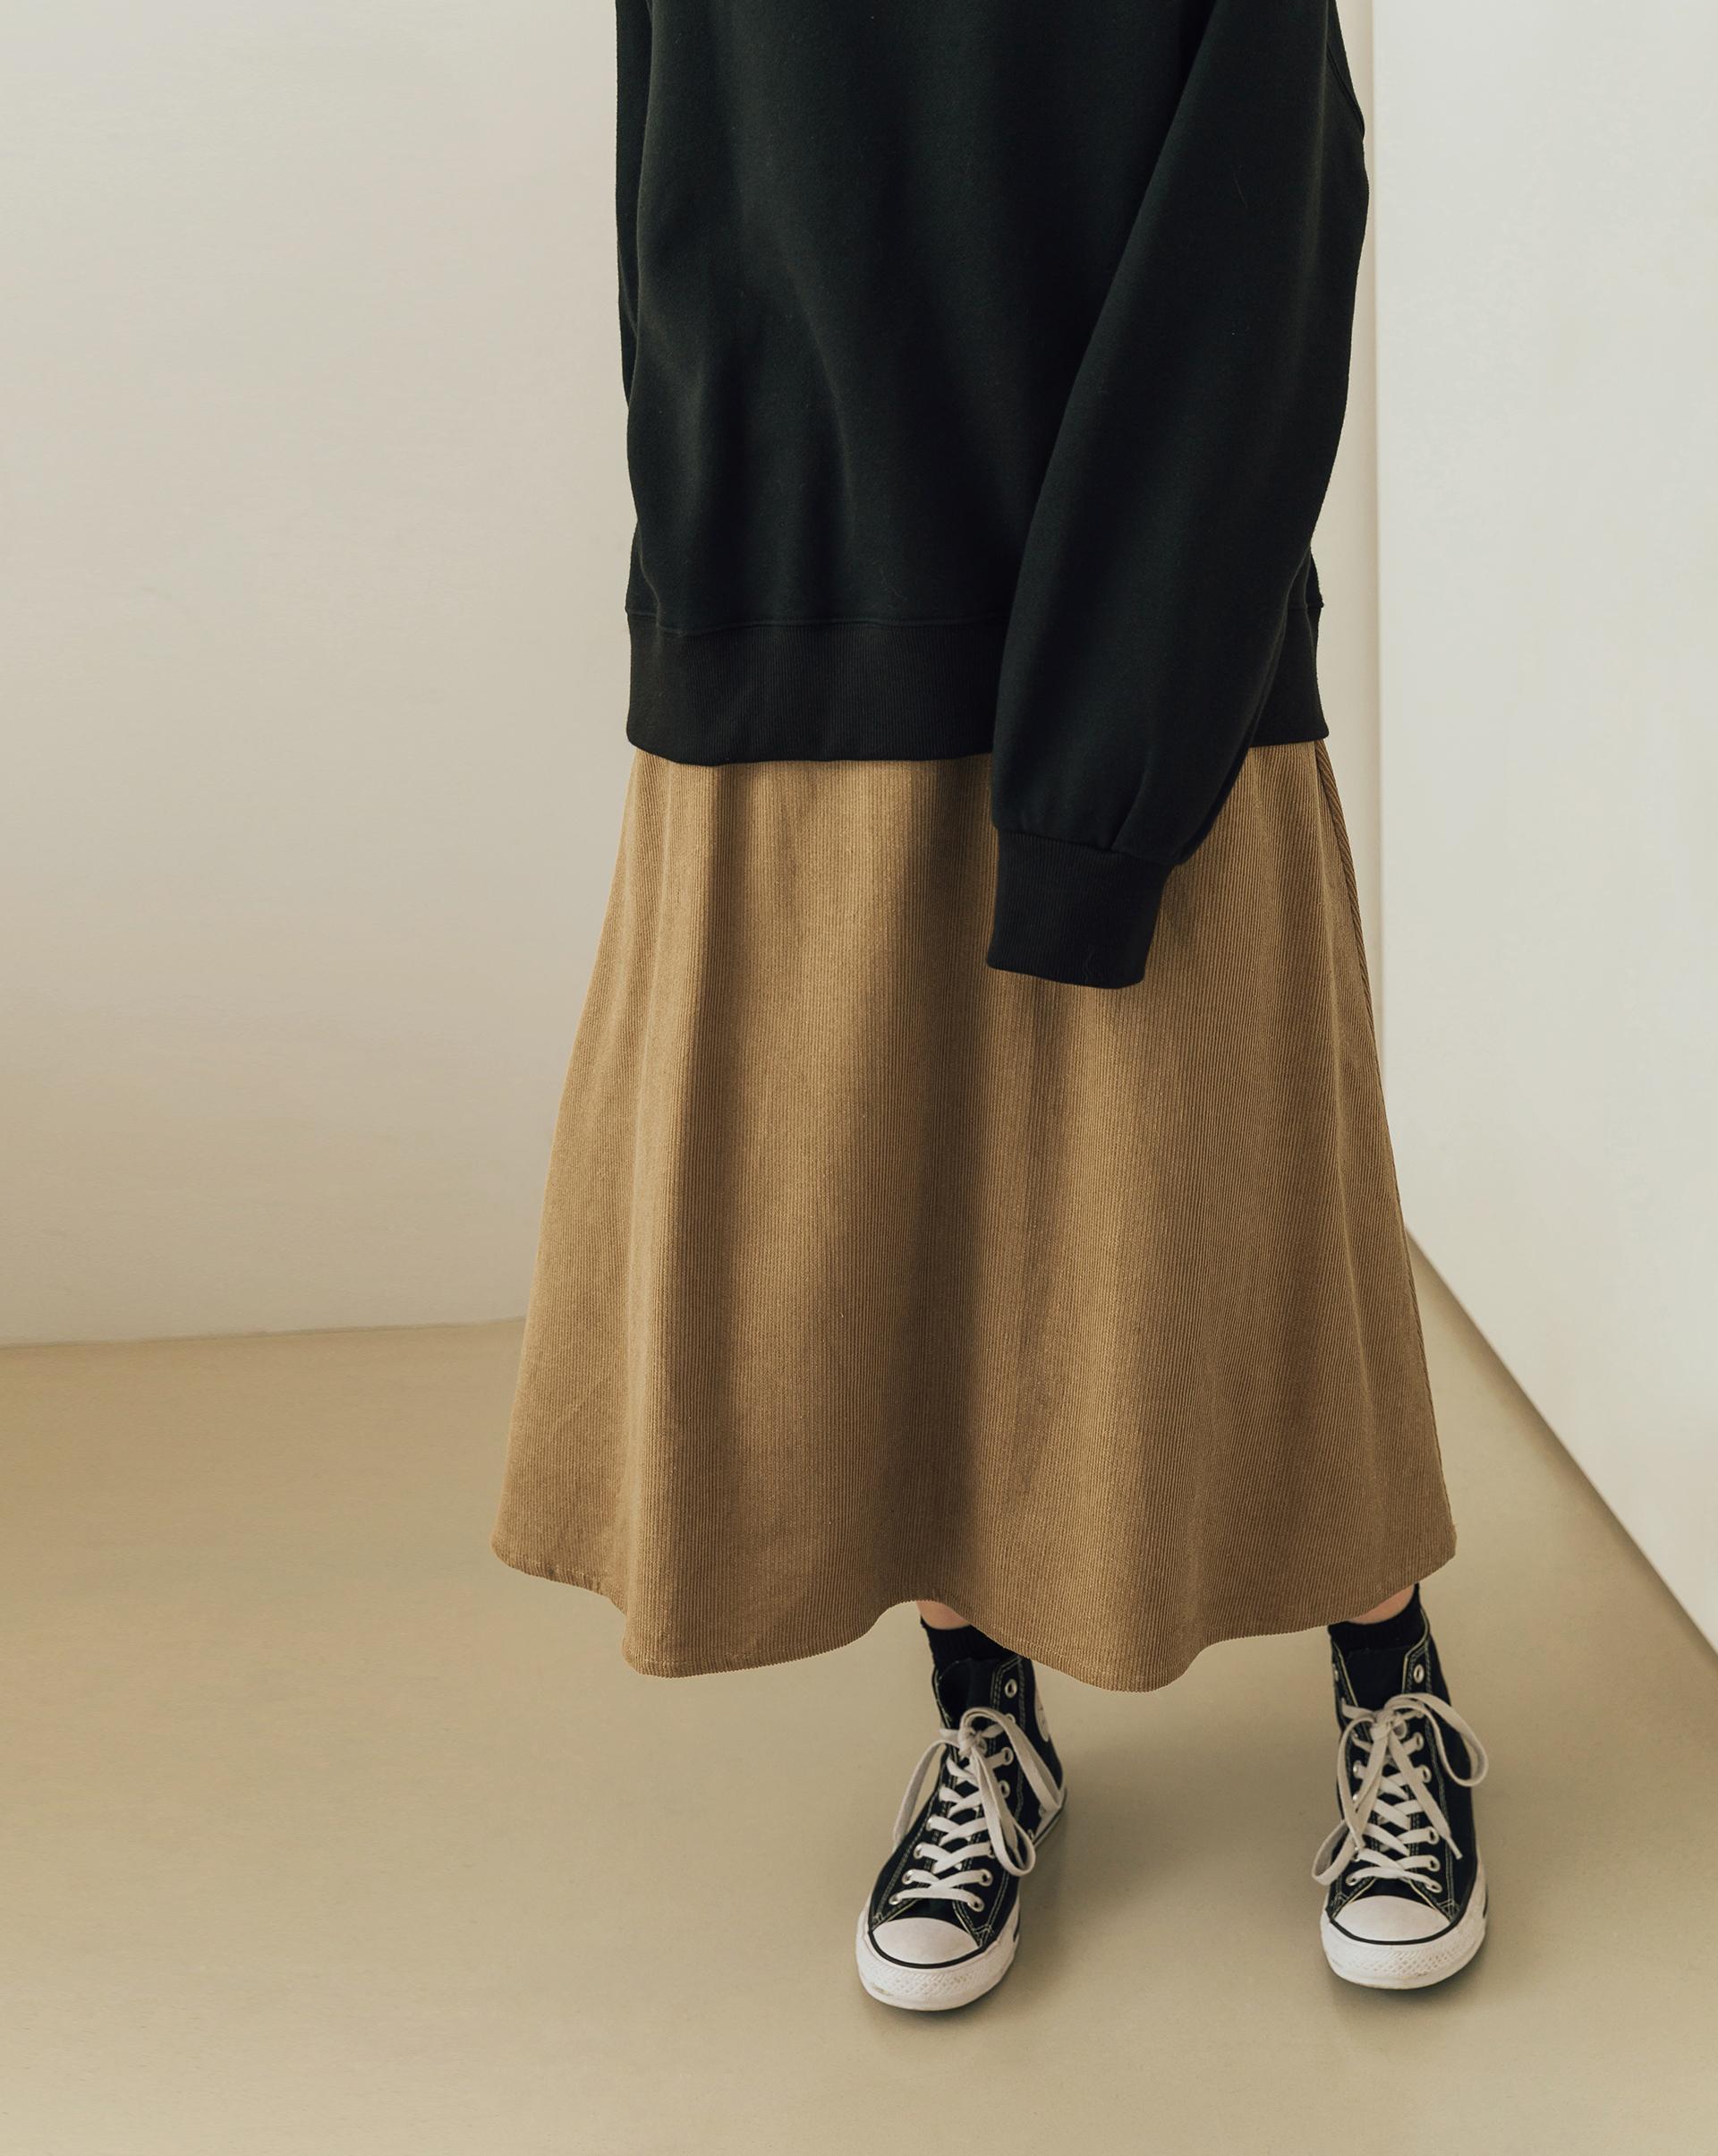 坑紋燈心絨面料/後腰鬆緊帶/左側開隱形拉鍊/雙側斜口袋/有全長內裡